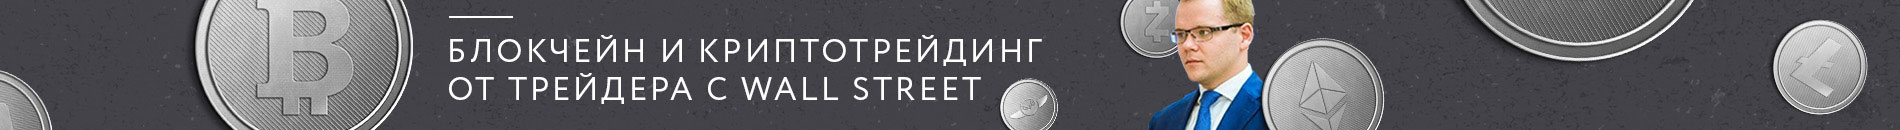 https://utmagazine.ru/img/banners/crypto/crypto2_1900x130.jpg